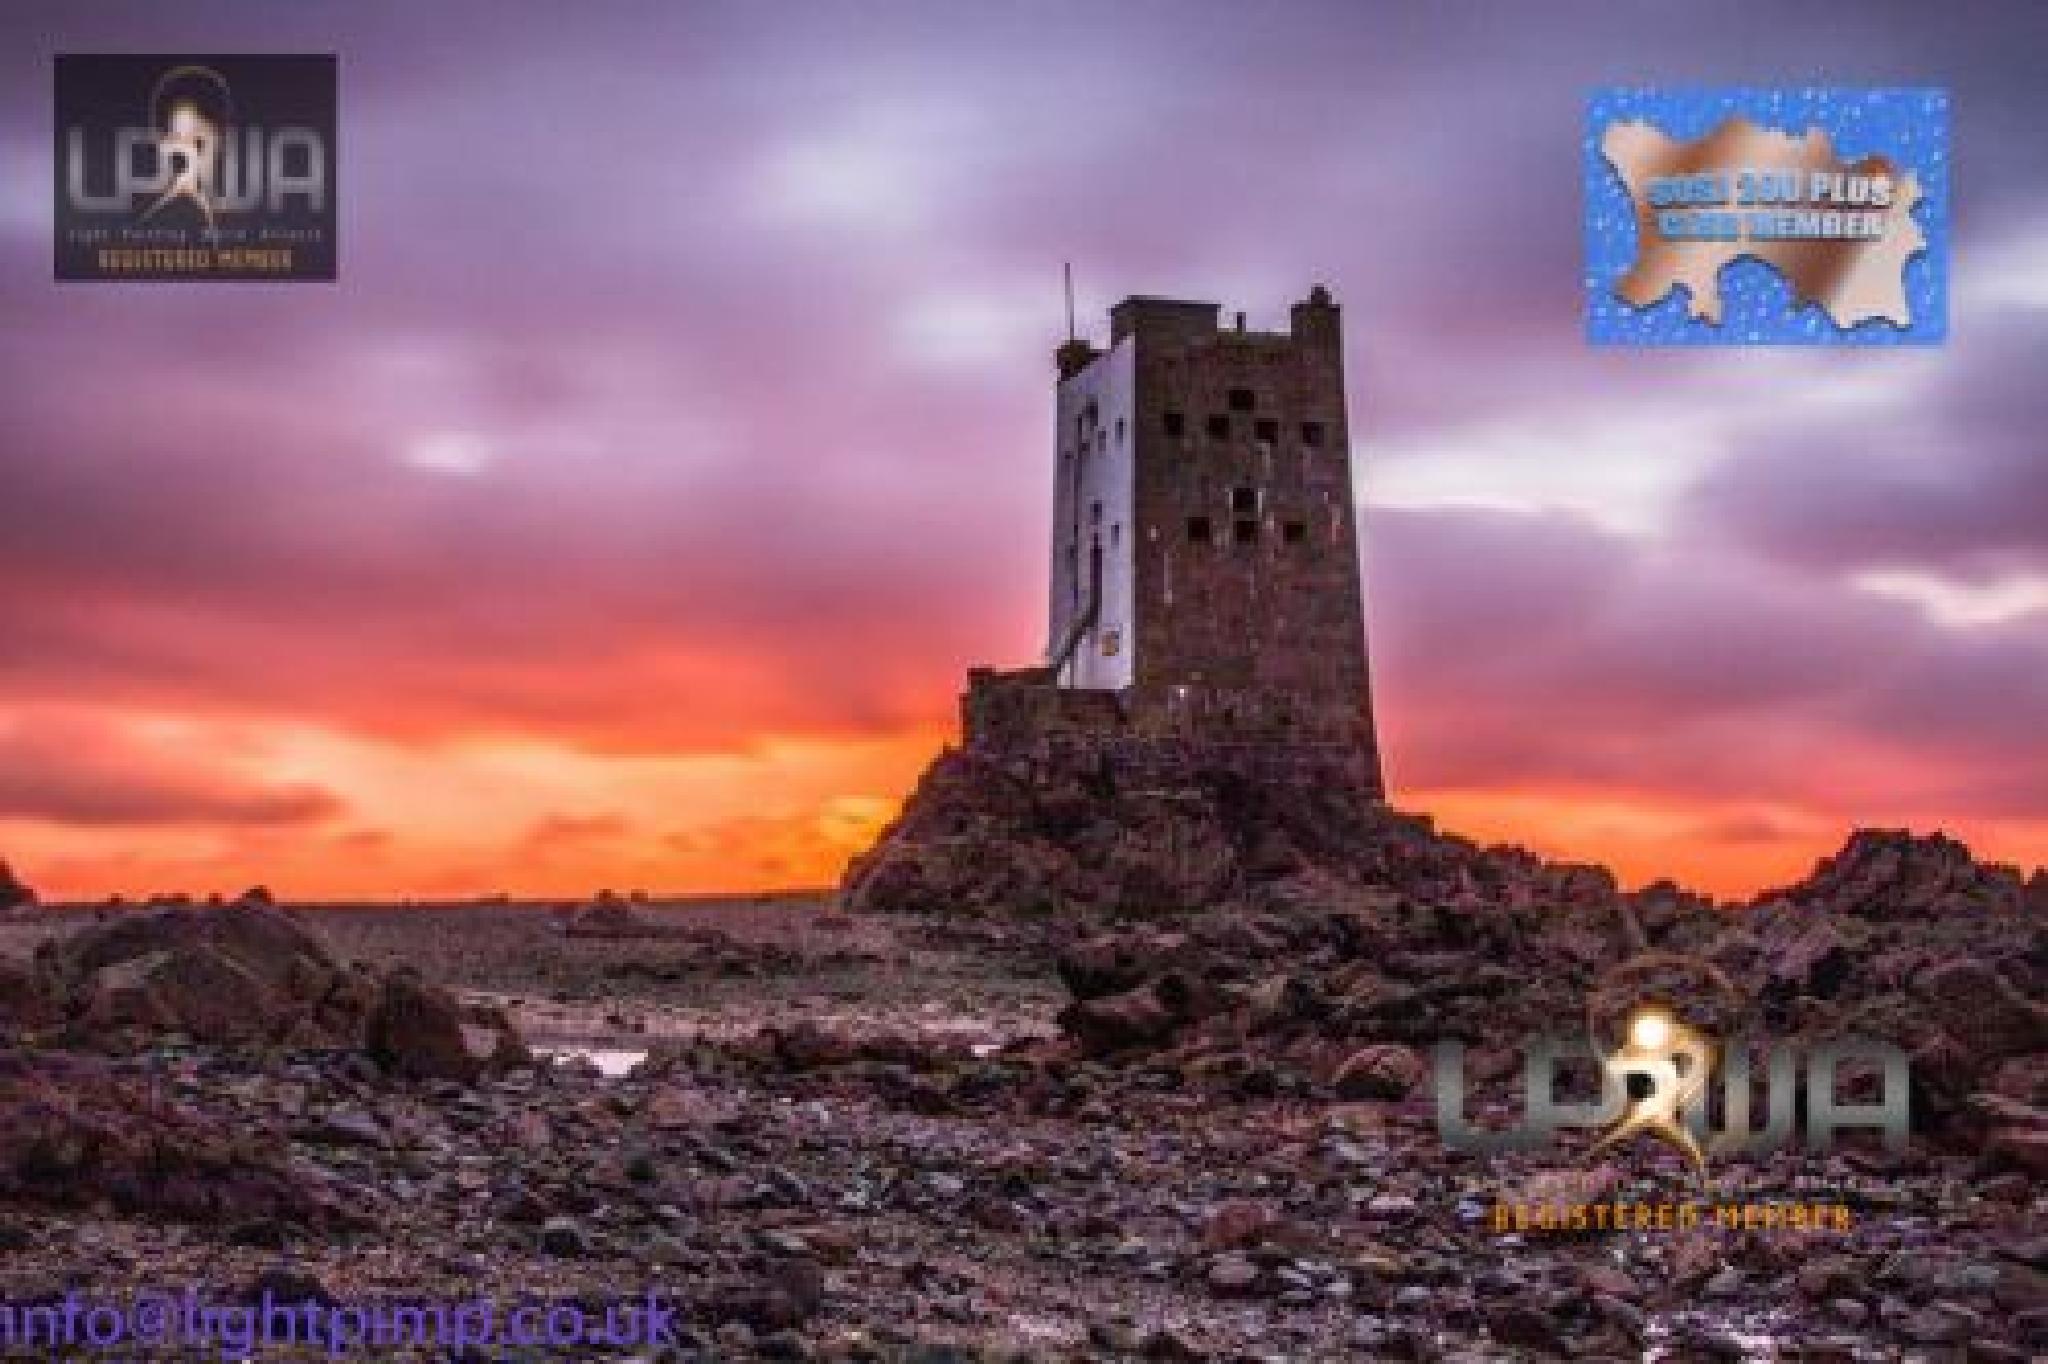 Seymour Tower by Lightpimp - akadodjer